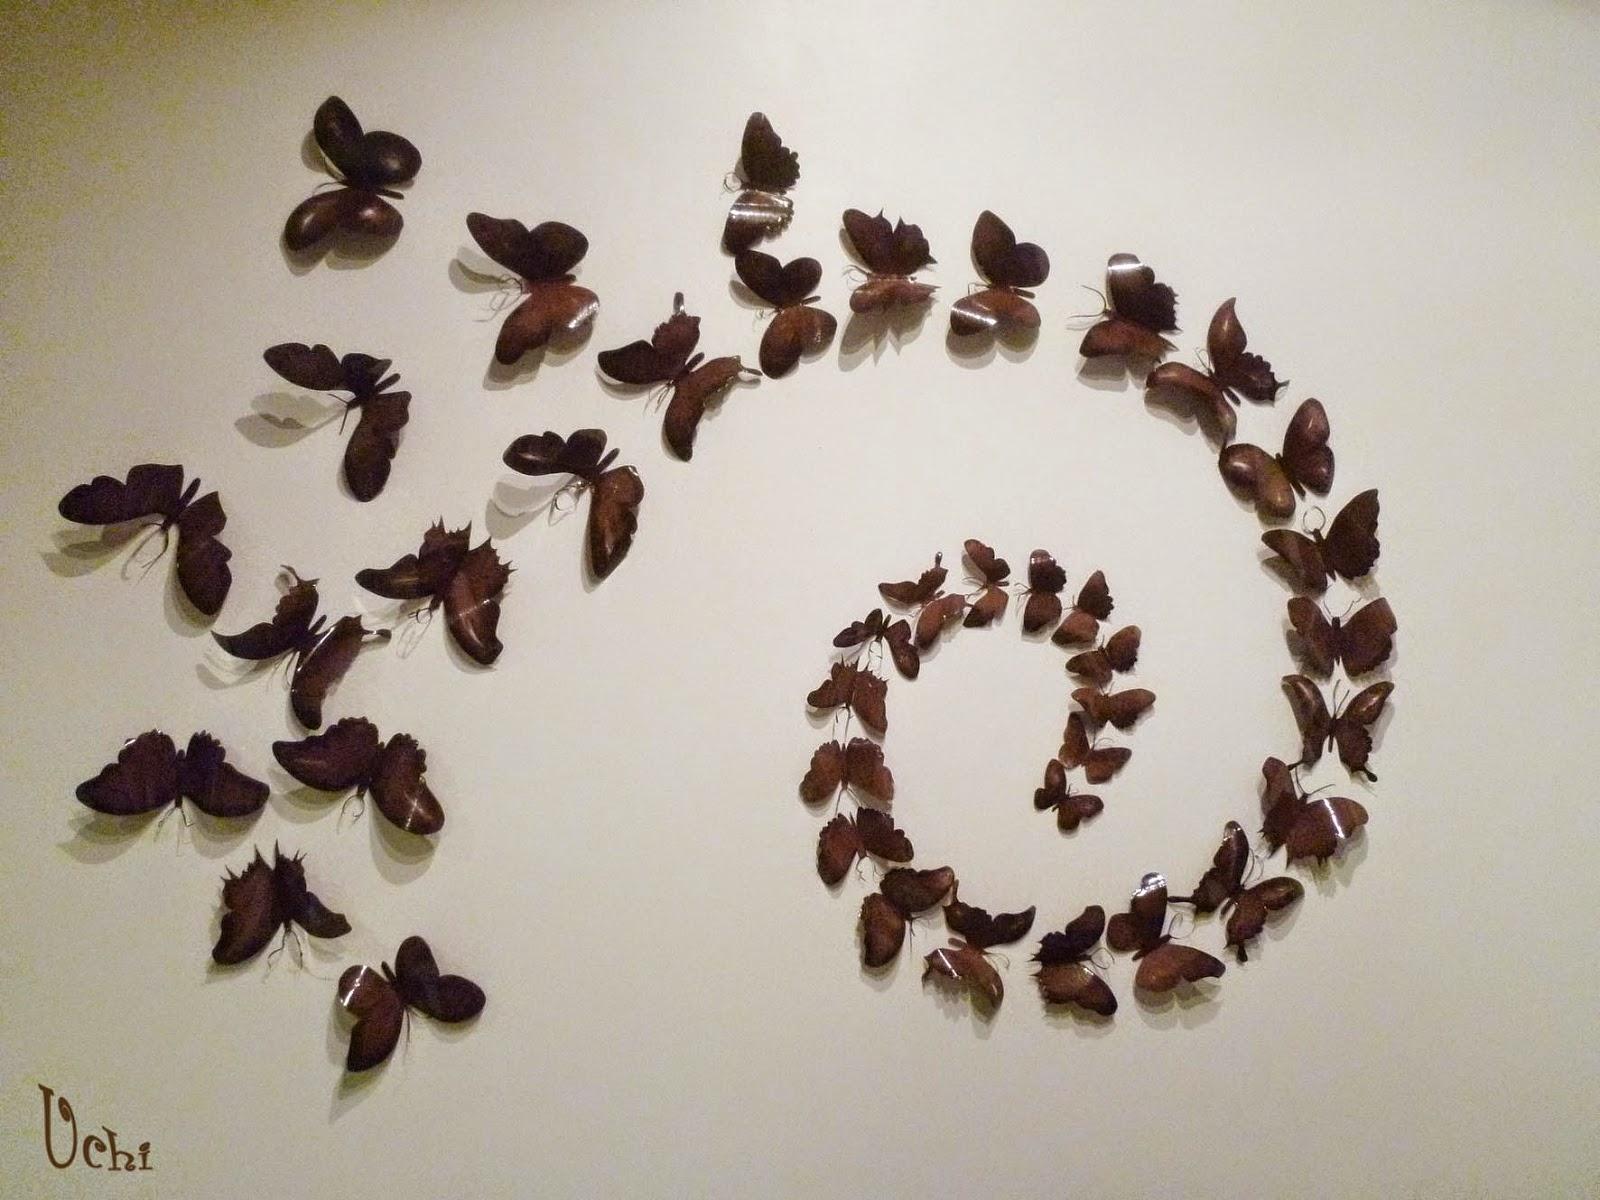 Pared con mariposas uchi - Mariposas en la pared ...